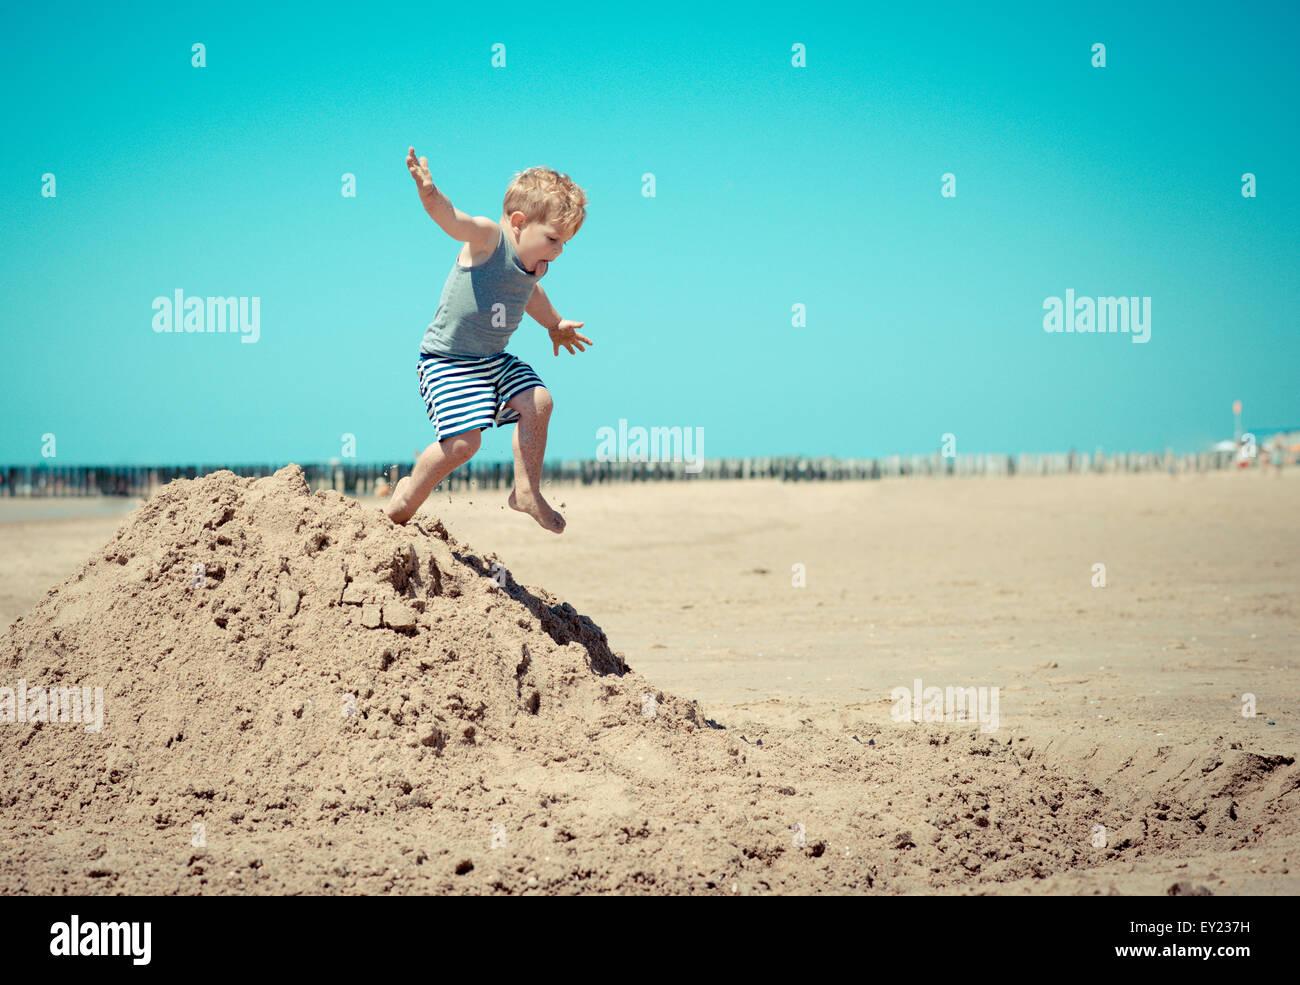 Petit garçon enfant sur la plage d'un saut d'une colline Photo Stock